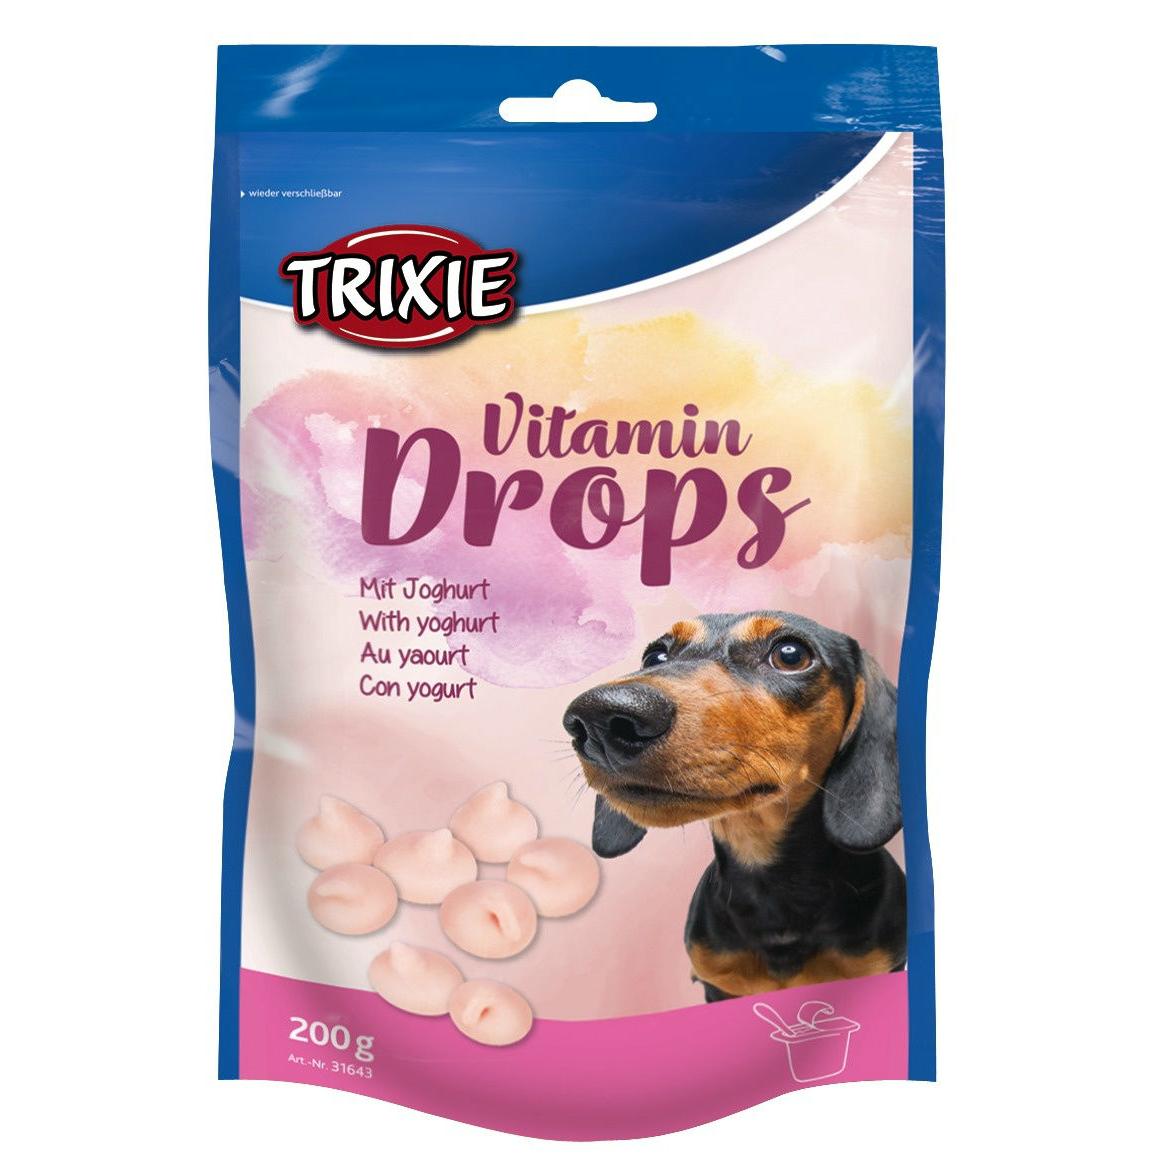 Trixie Hunde Vitamin-Drops mit Joghurt 31641, Bild 2